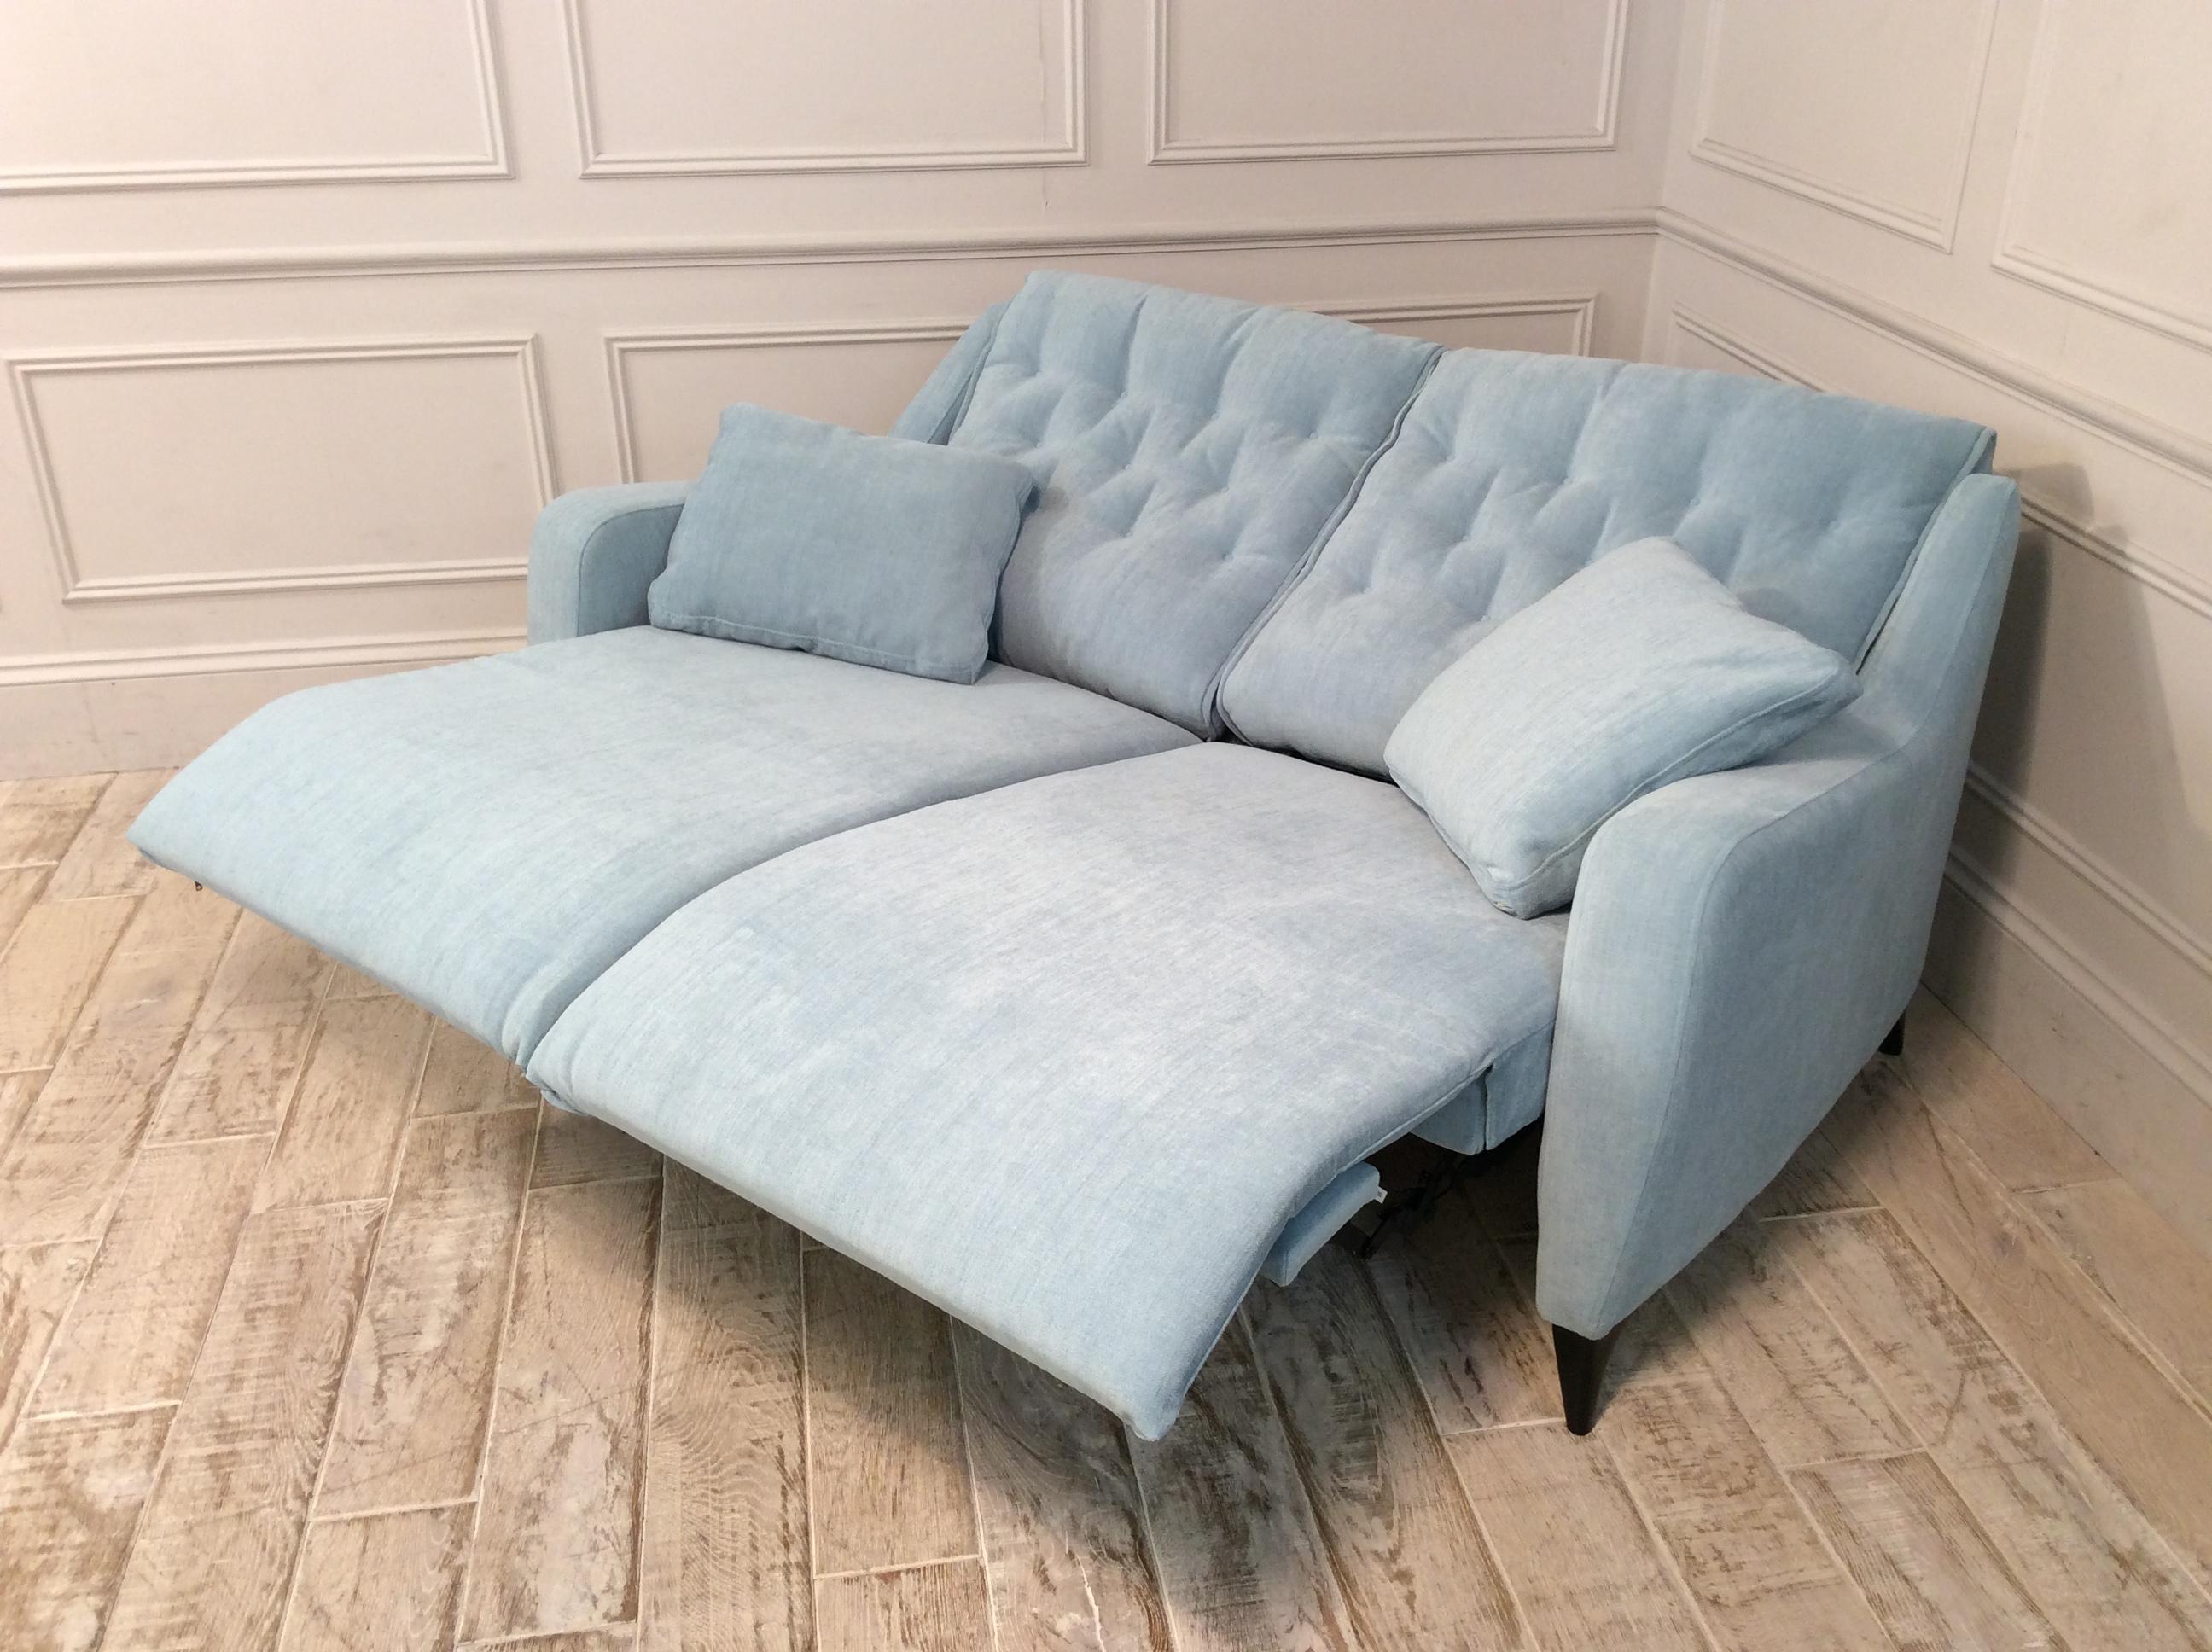 Hugo Medium Reclining Fabric Sofa in Club 49